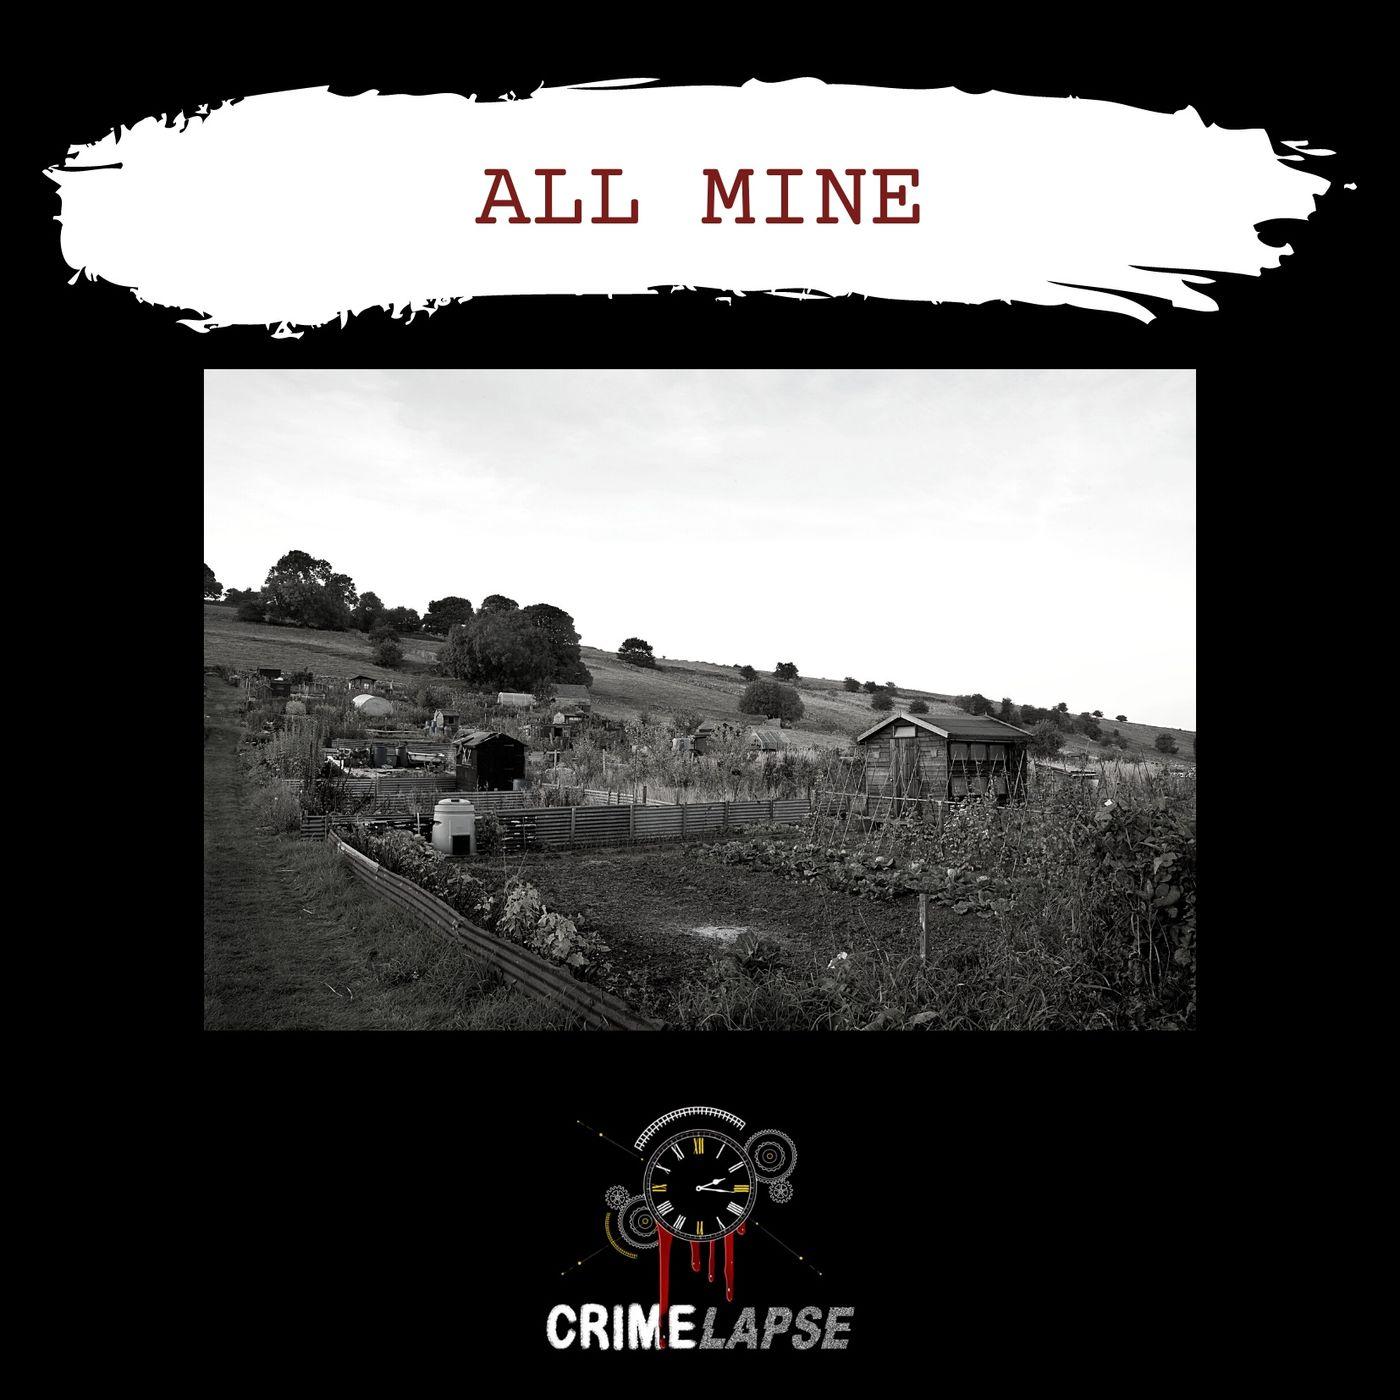 All Mine: Sameena Imam